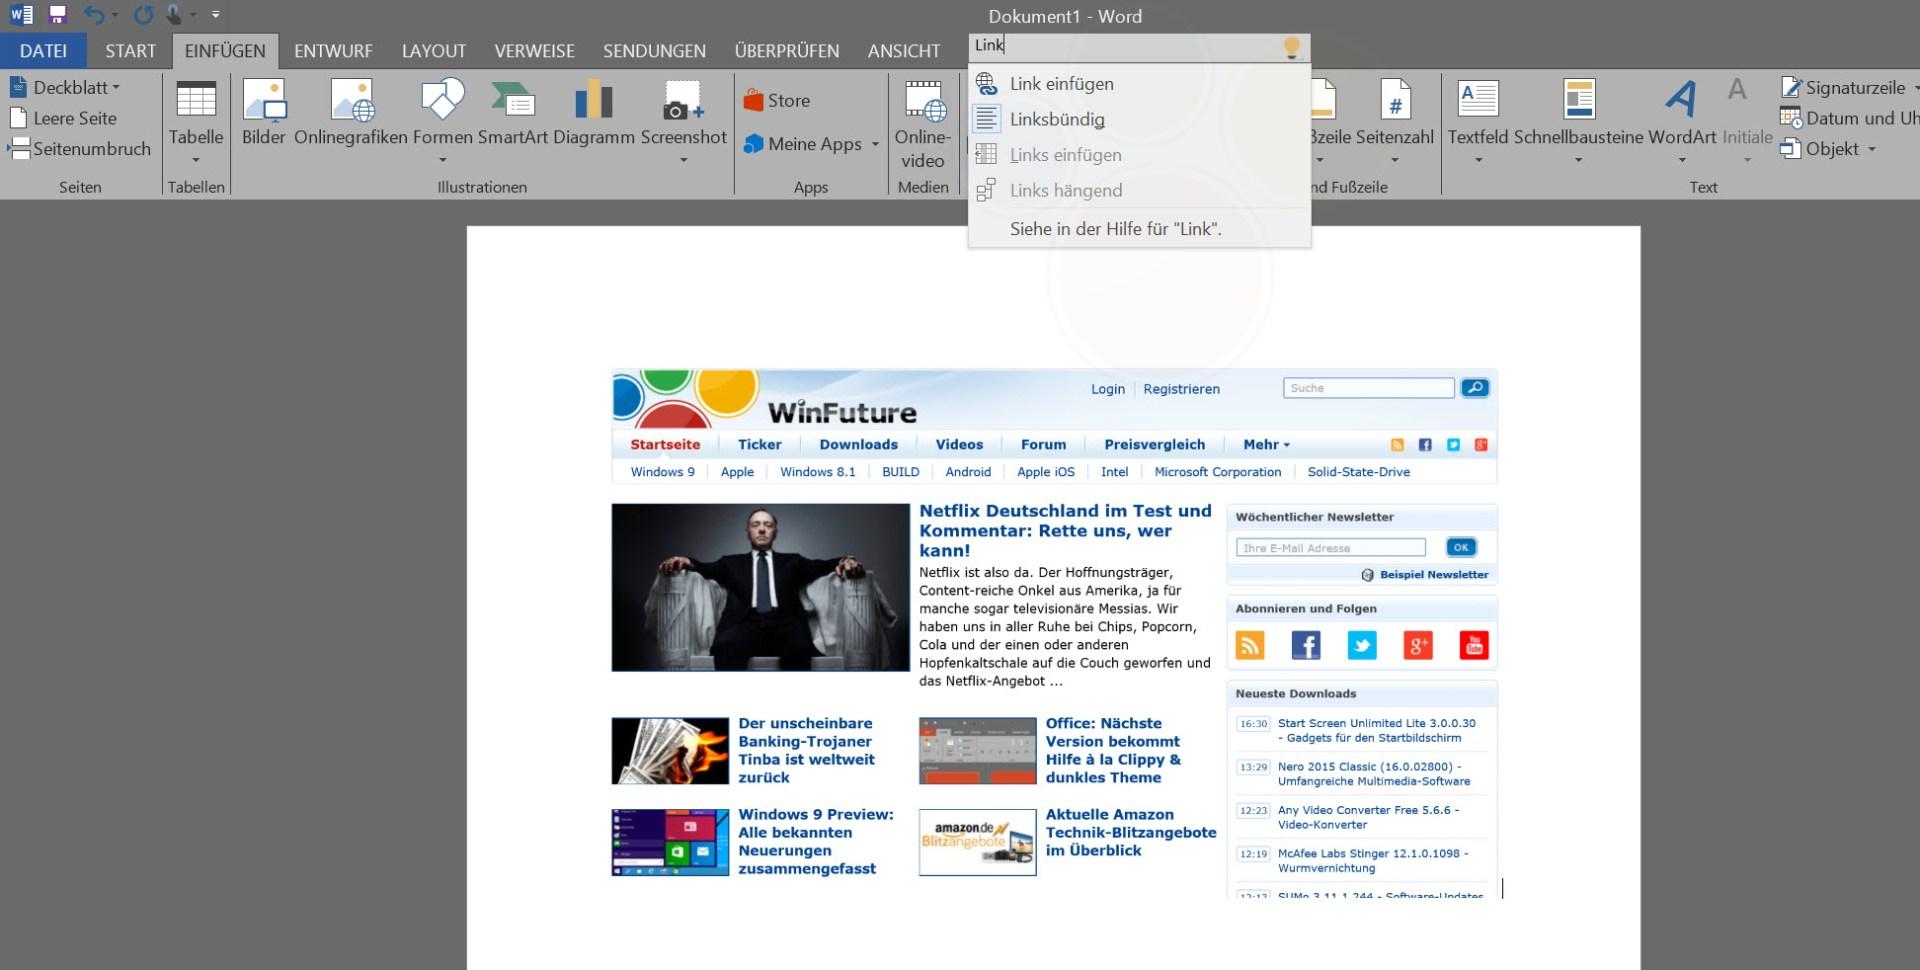 Office 2016: Desktop-Preview gab es frei zum Download (Update ...